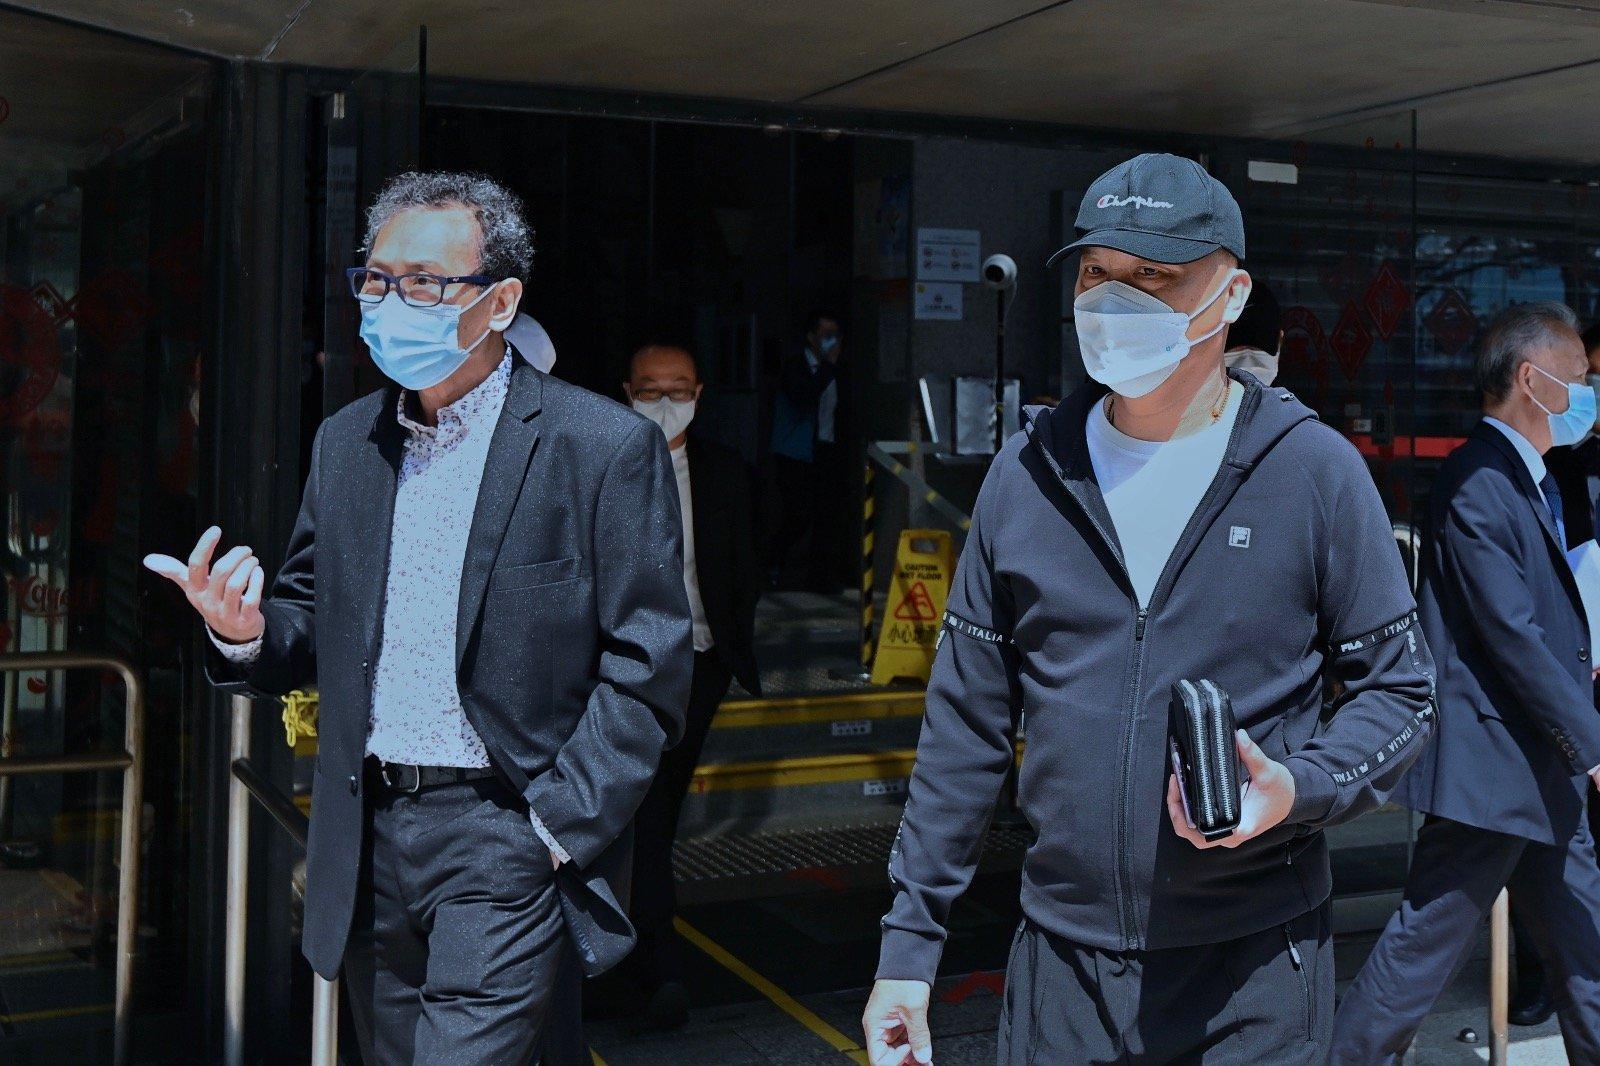 2021年2月22日,721元朗襲擊案,首宗控告白衣人的案件於今日在區域法院開審。圖為被告鄧懷琛(左)及吳偉南。(宋碧龍 / 大紀元)